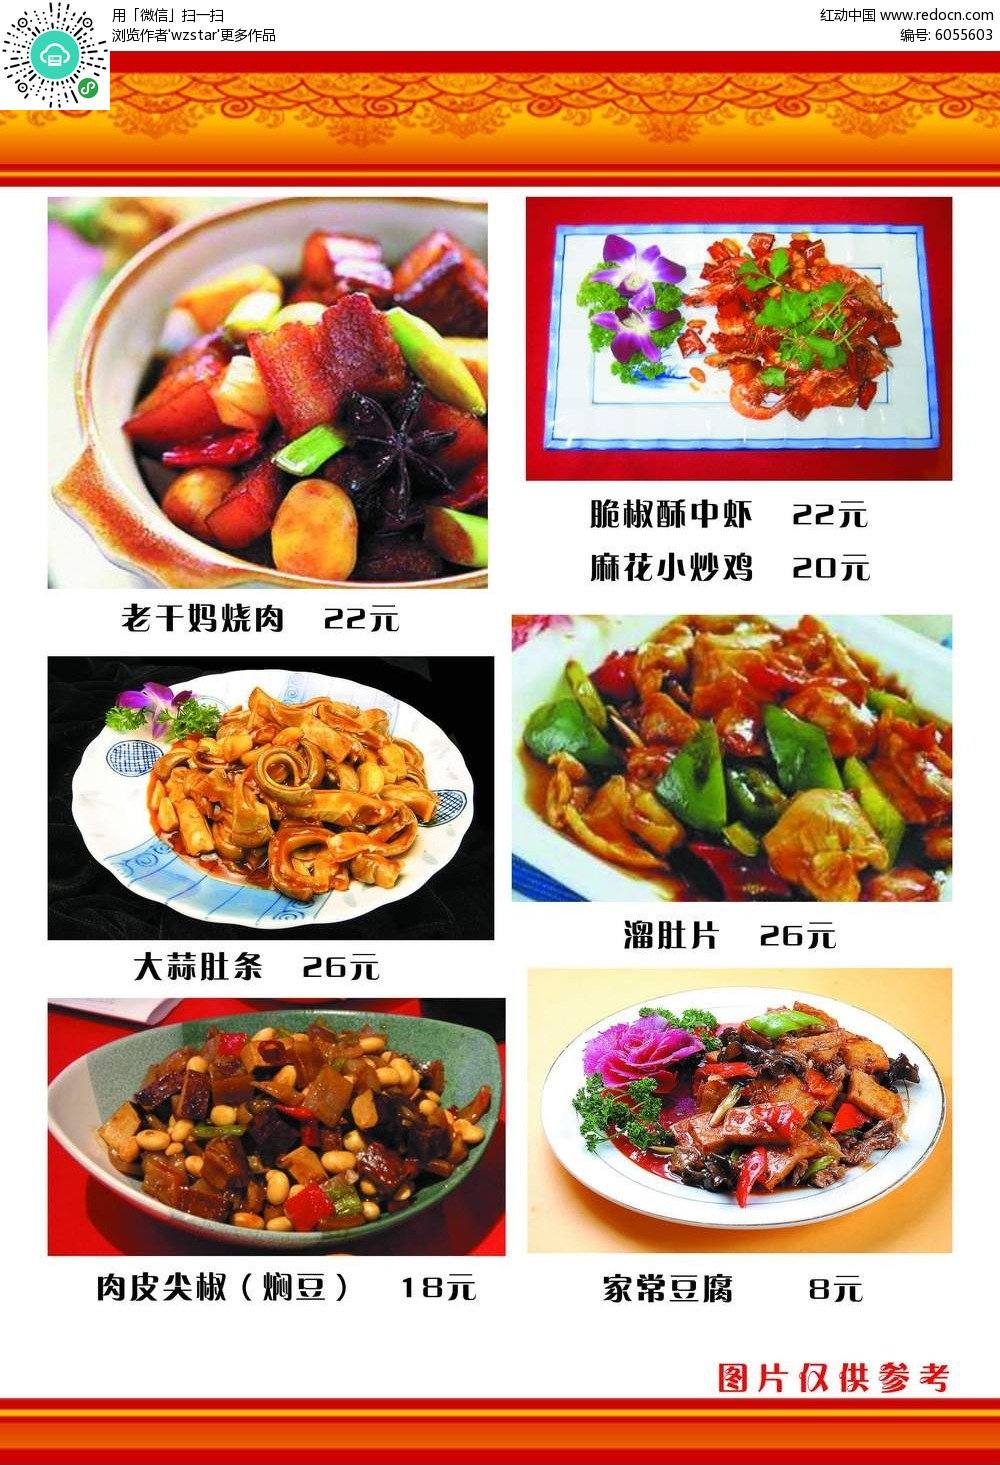 小炒兔肉简约美食菜谱v小炒PSD免费下载_菜谱鸡肉素材菜单和家常炒图片